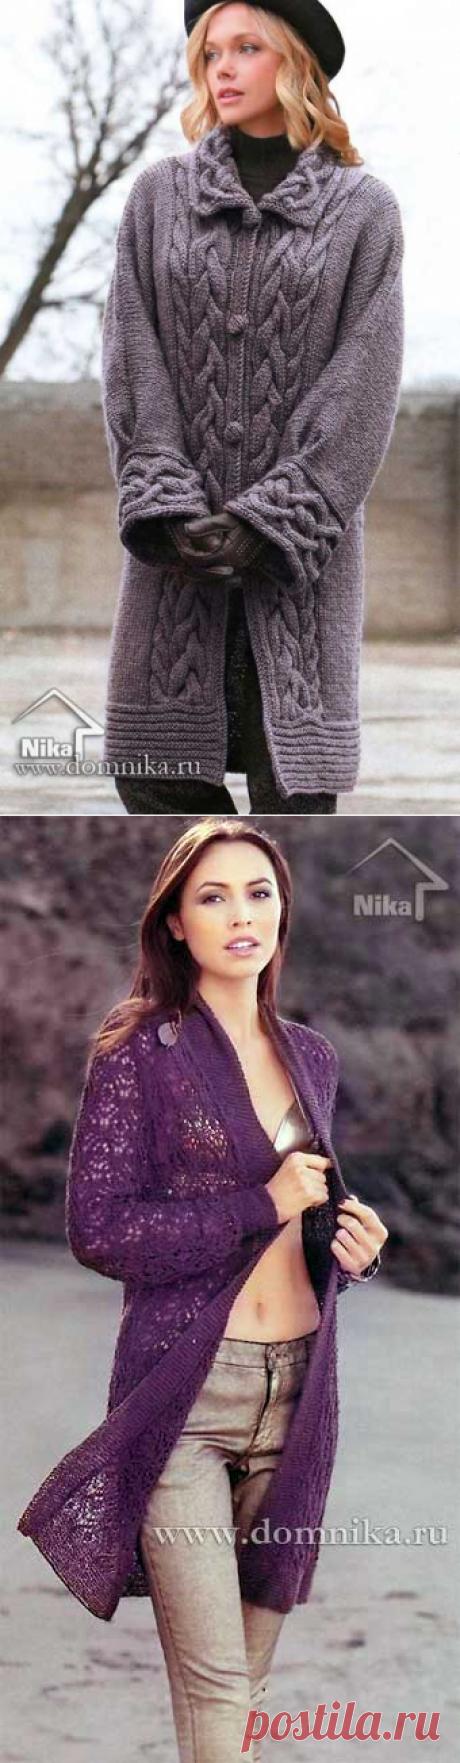 Пальто спицами (25 моделей): вязаное пальто для женщин, пальто для полных, женское пальто спицами с капюшоном, длинное, оверсайз